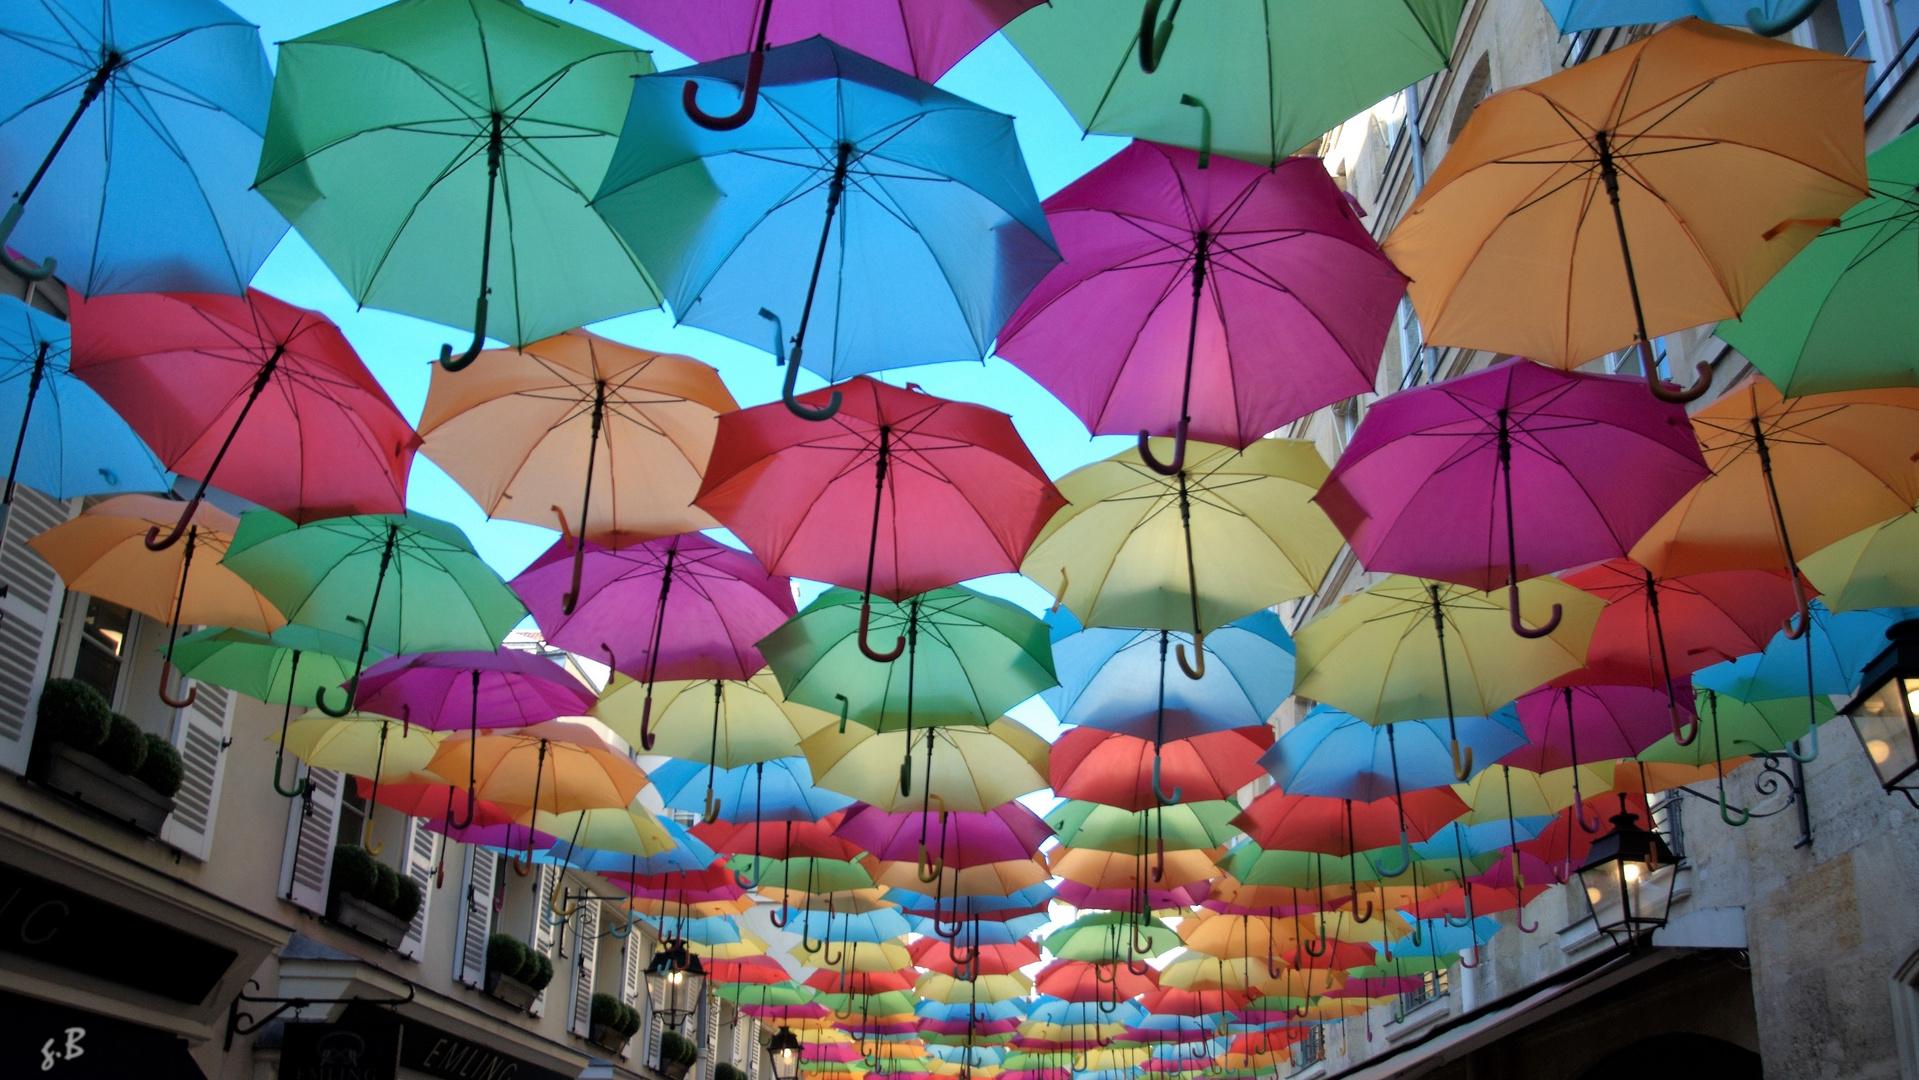 comment mettre de la couleur un jour de pluie